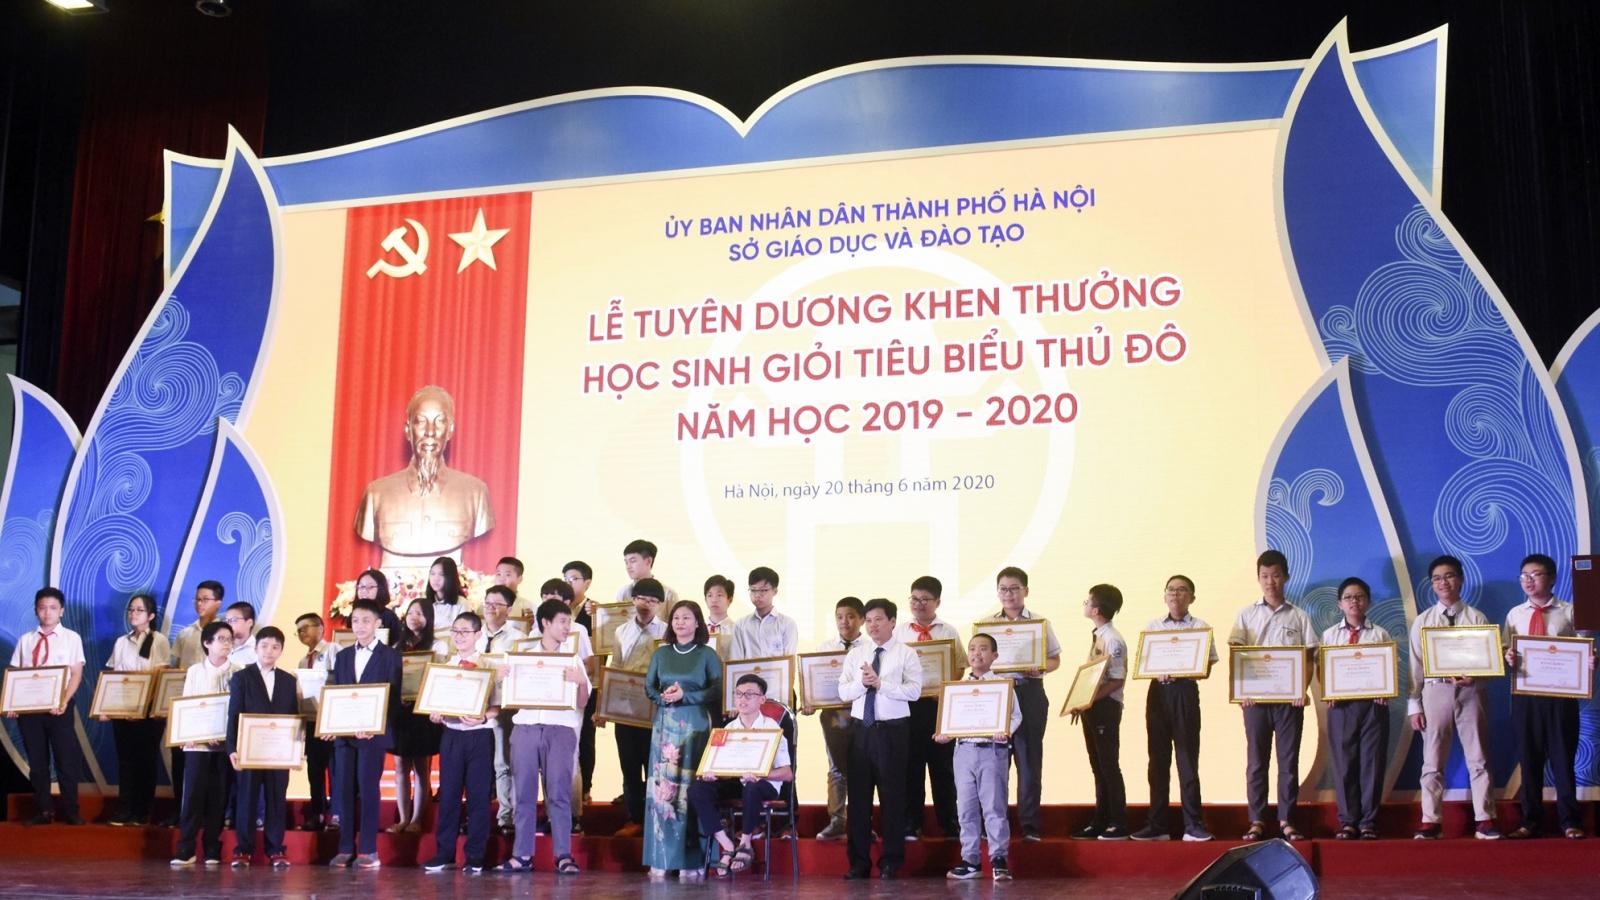 Tuyên dương hơn 500 học sinh giỏi tiêu biểu Thủ đô năm học 2019-2020